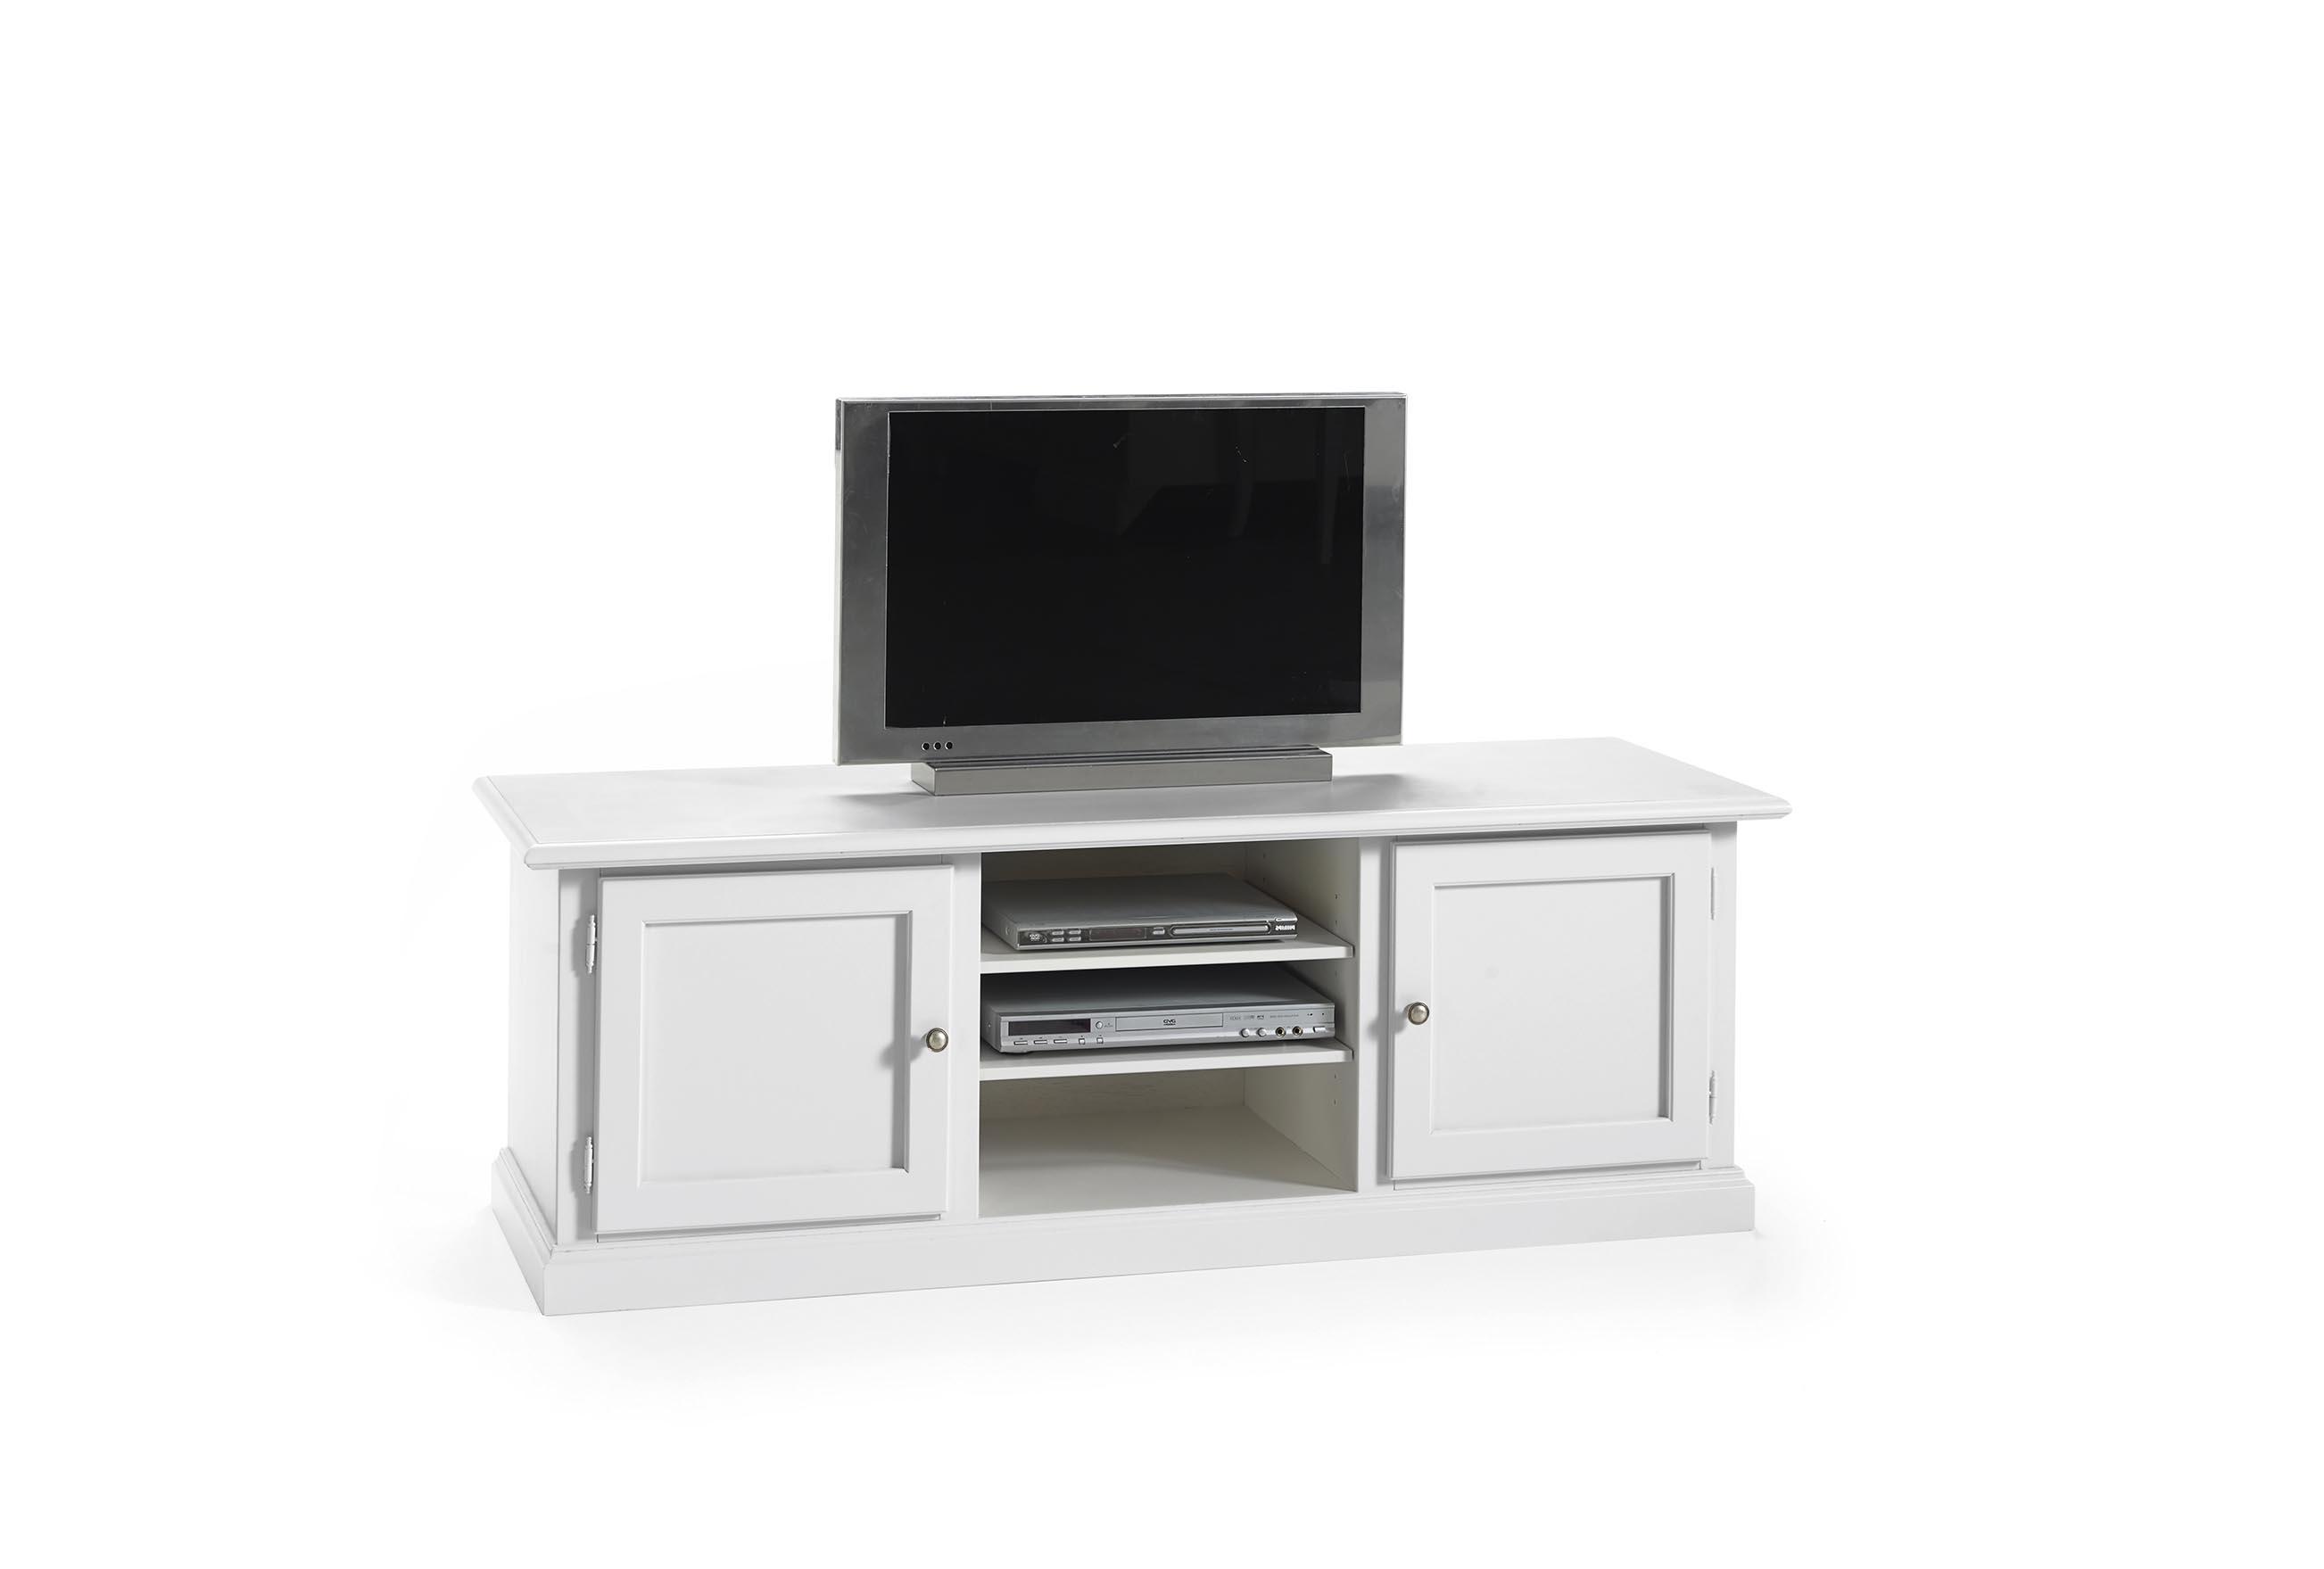 Soggiorno in legno bianco con tavolo sedie mobile tv e credenza. - Soggiorni a prezzi scontati